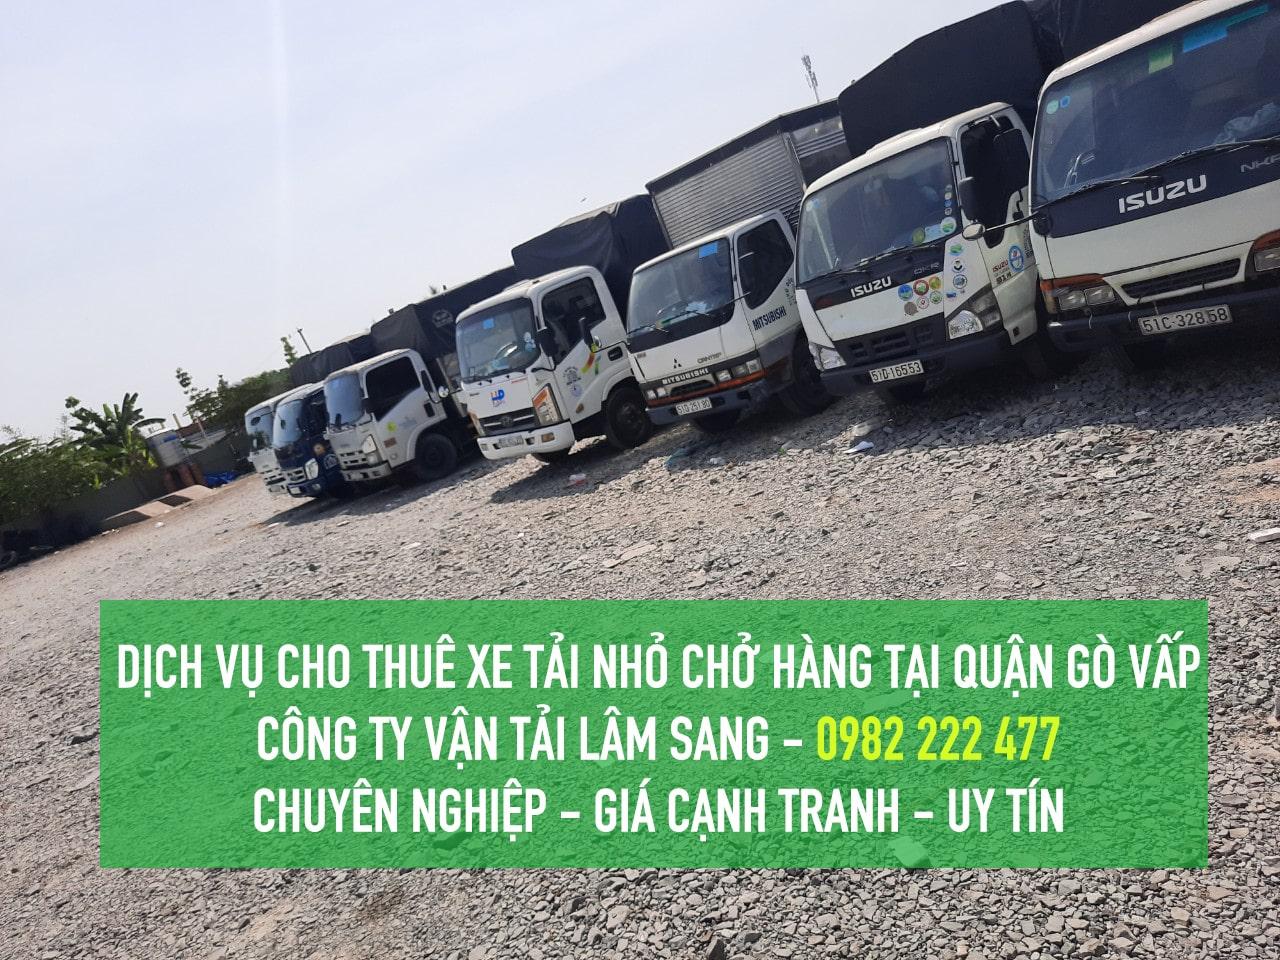 Dịch vụ cho thuê xe tải nhỏ tại Gò Vấp